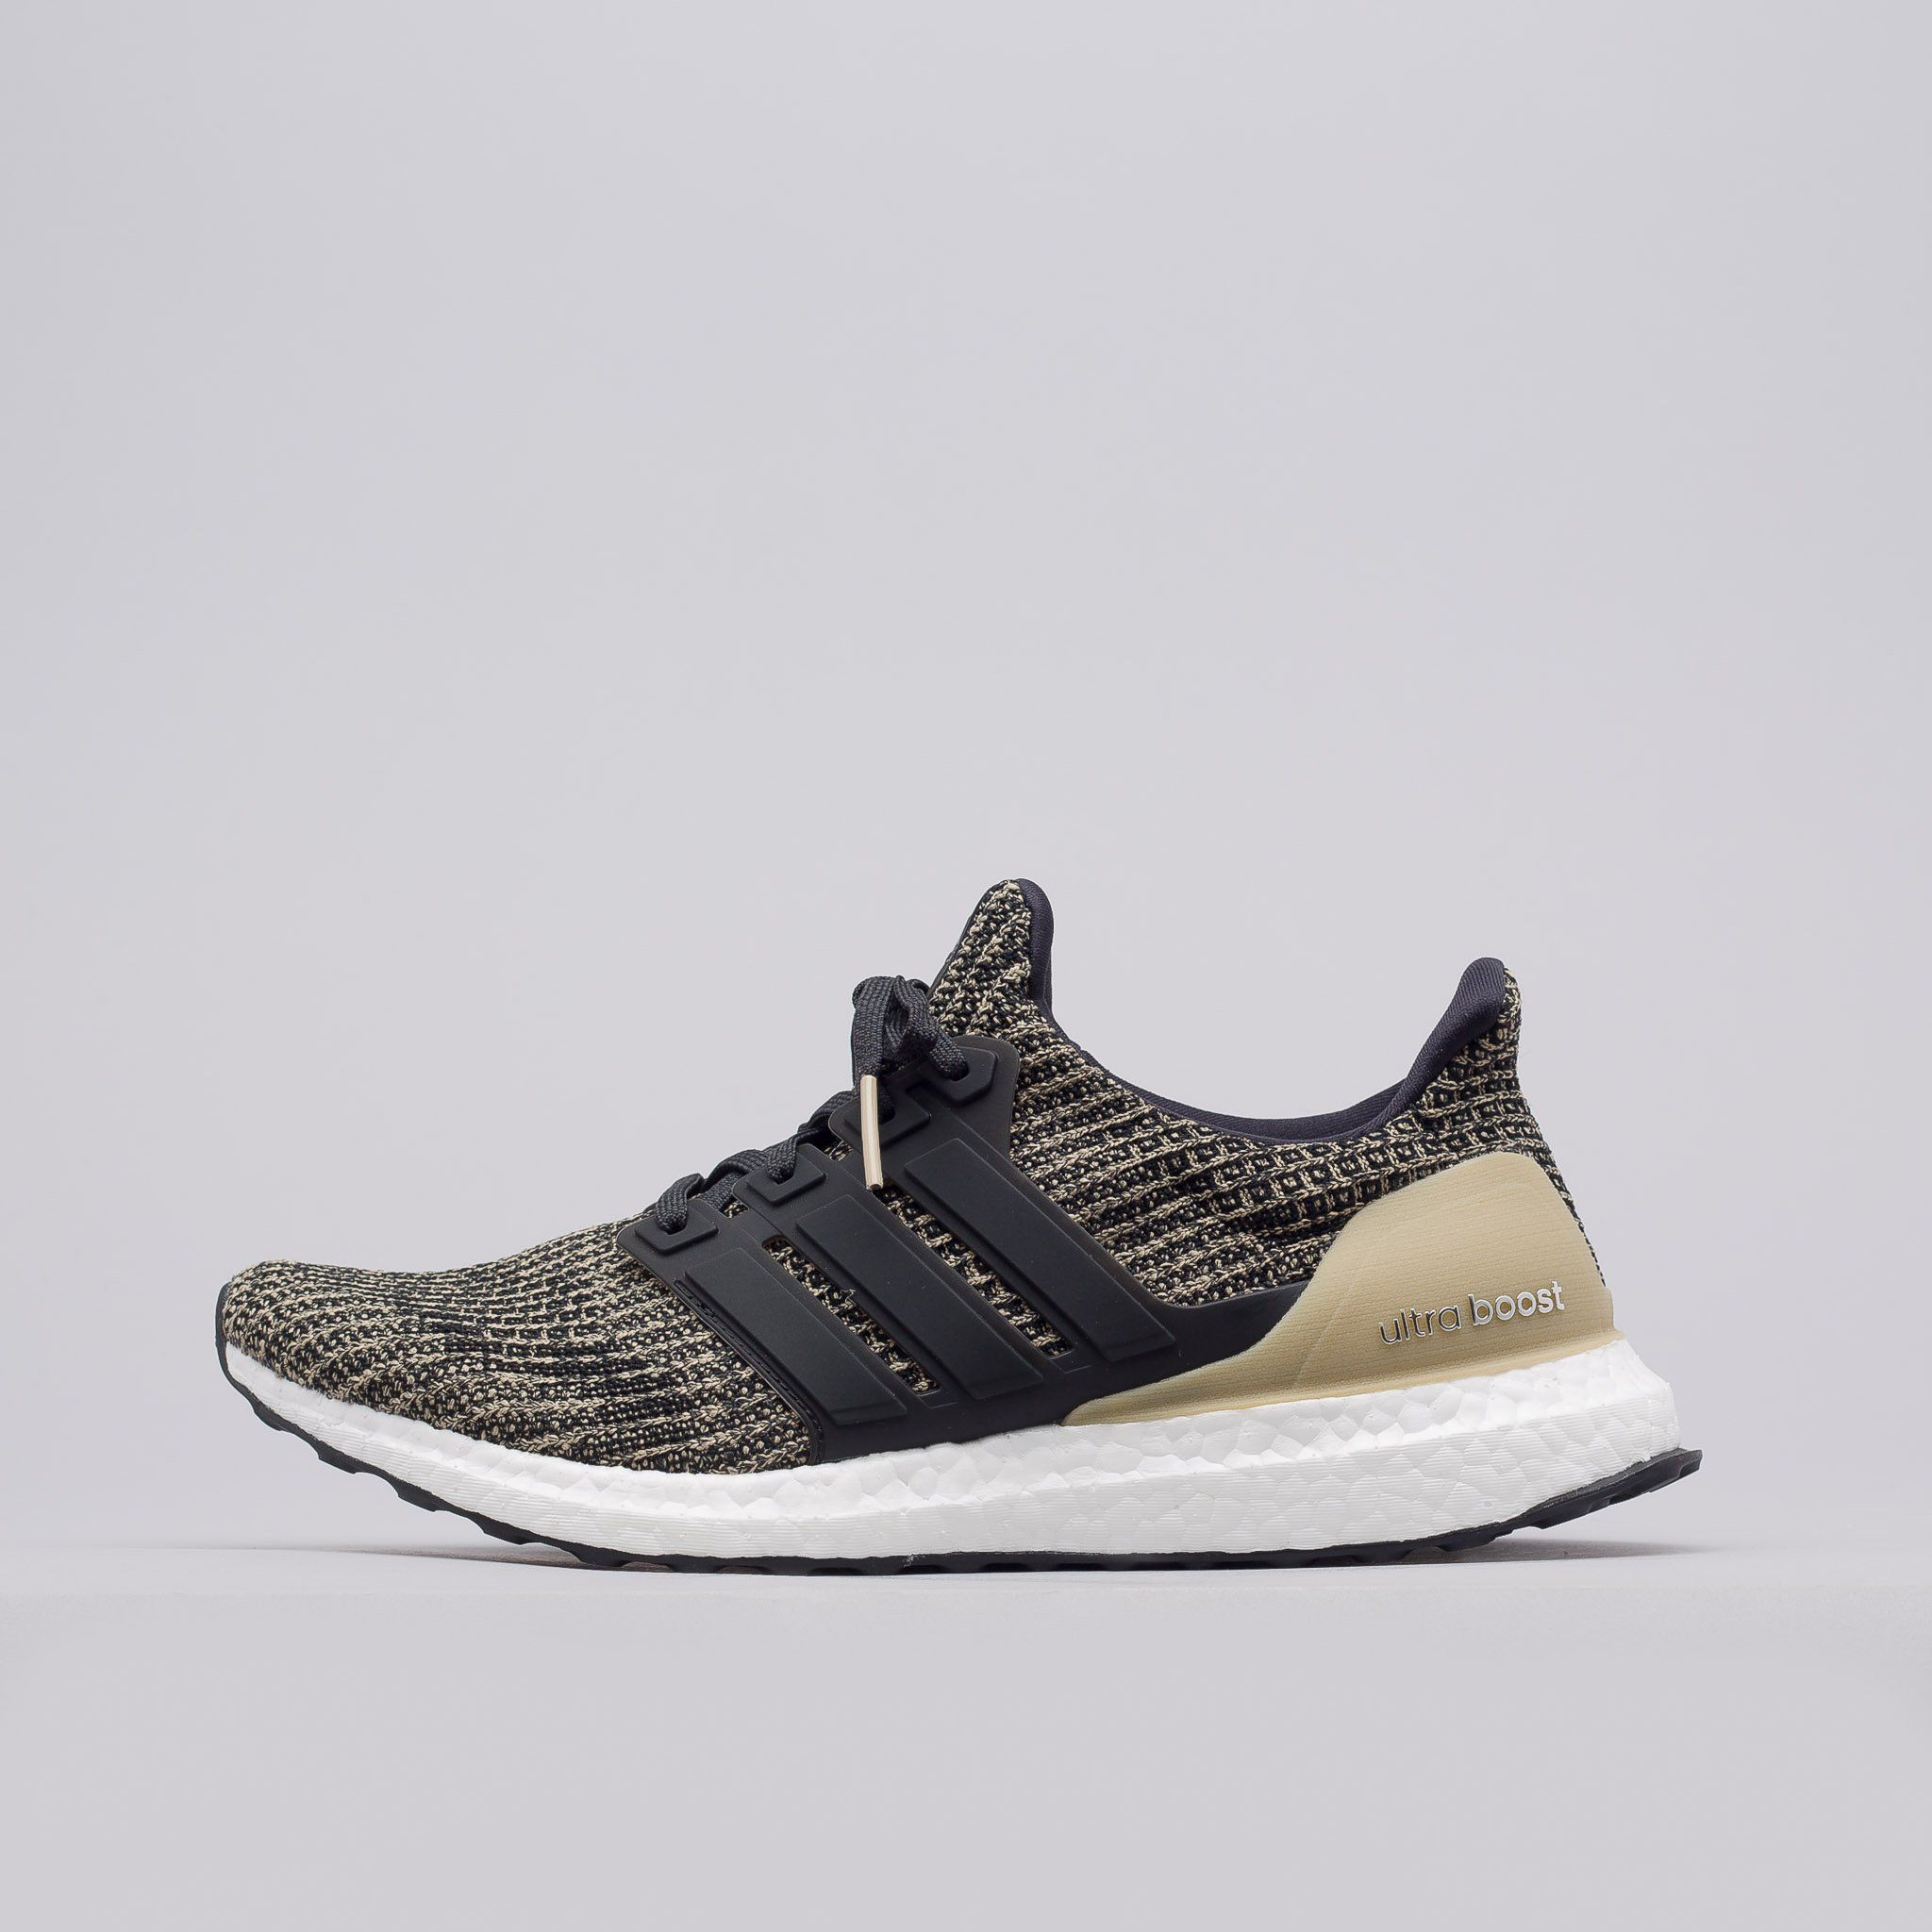 8940fd0dddf Ultraboost 4.0 in Core Black/Dark Mocha | Products | Adidas sneakers ...